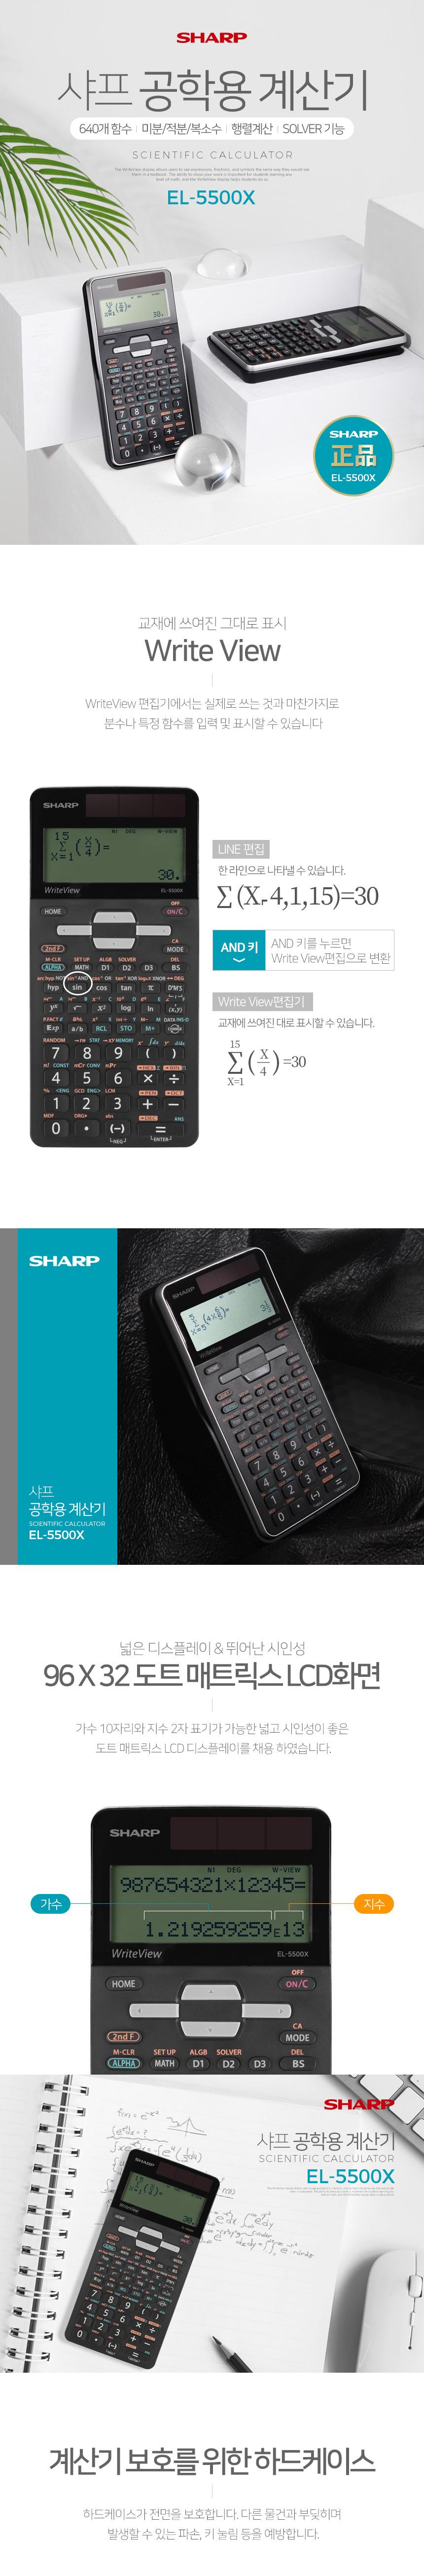 샤프 공학용계산기 EL-5500X - 샤프, 46,000원, 계산기, 공학용계산기